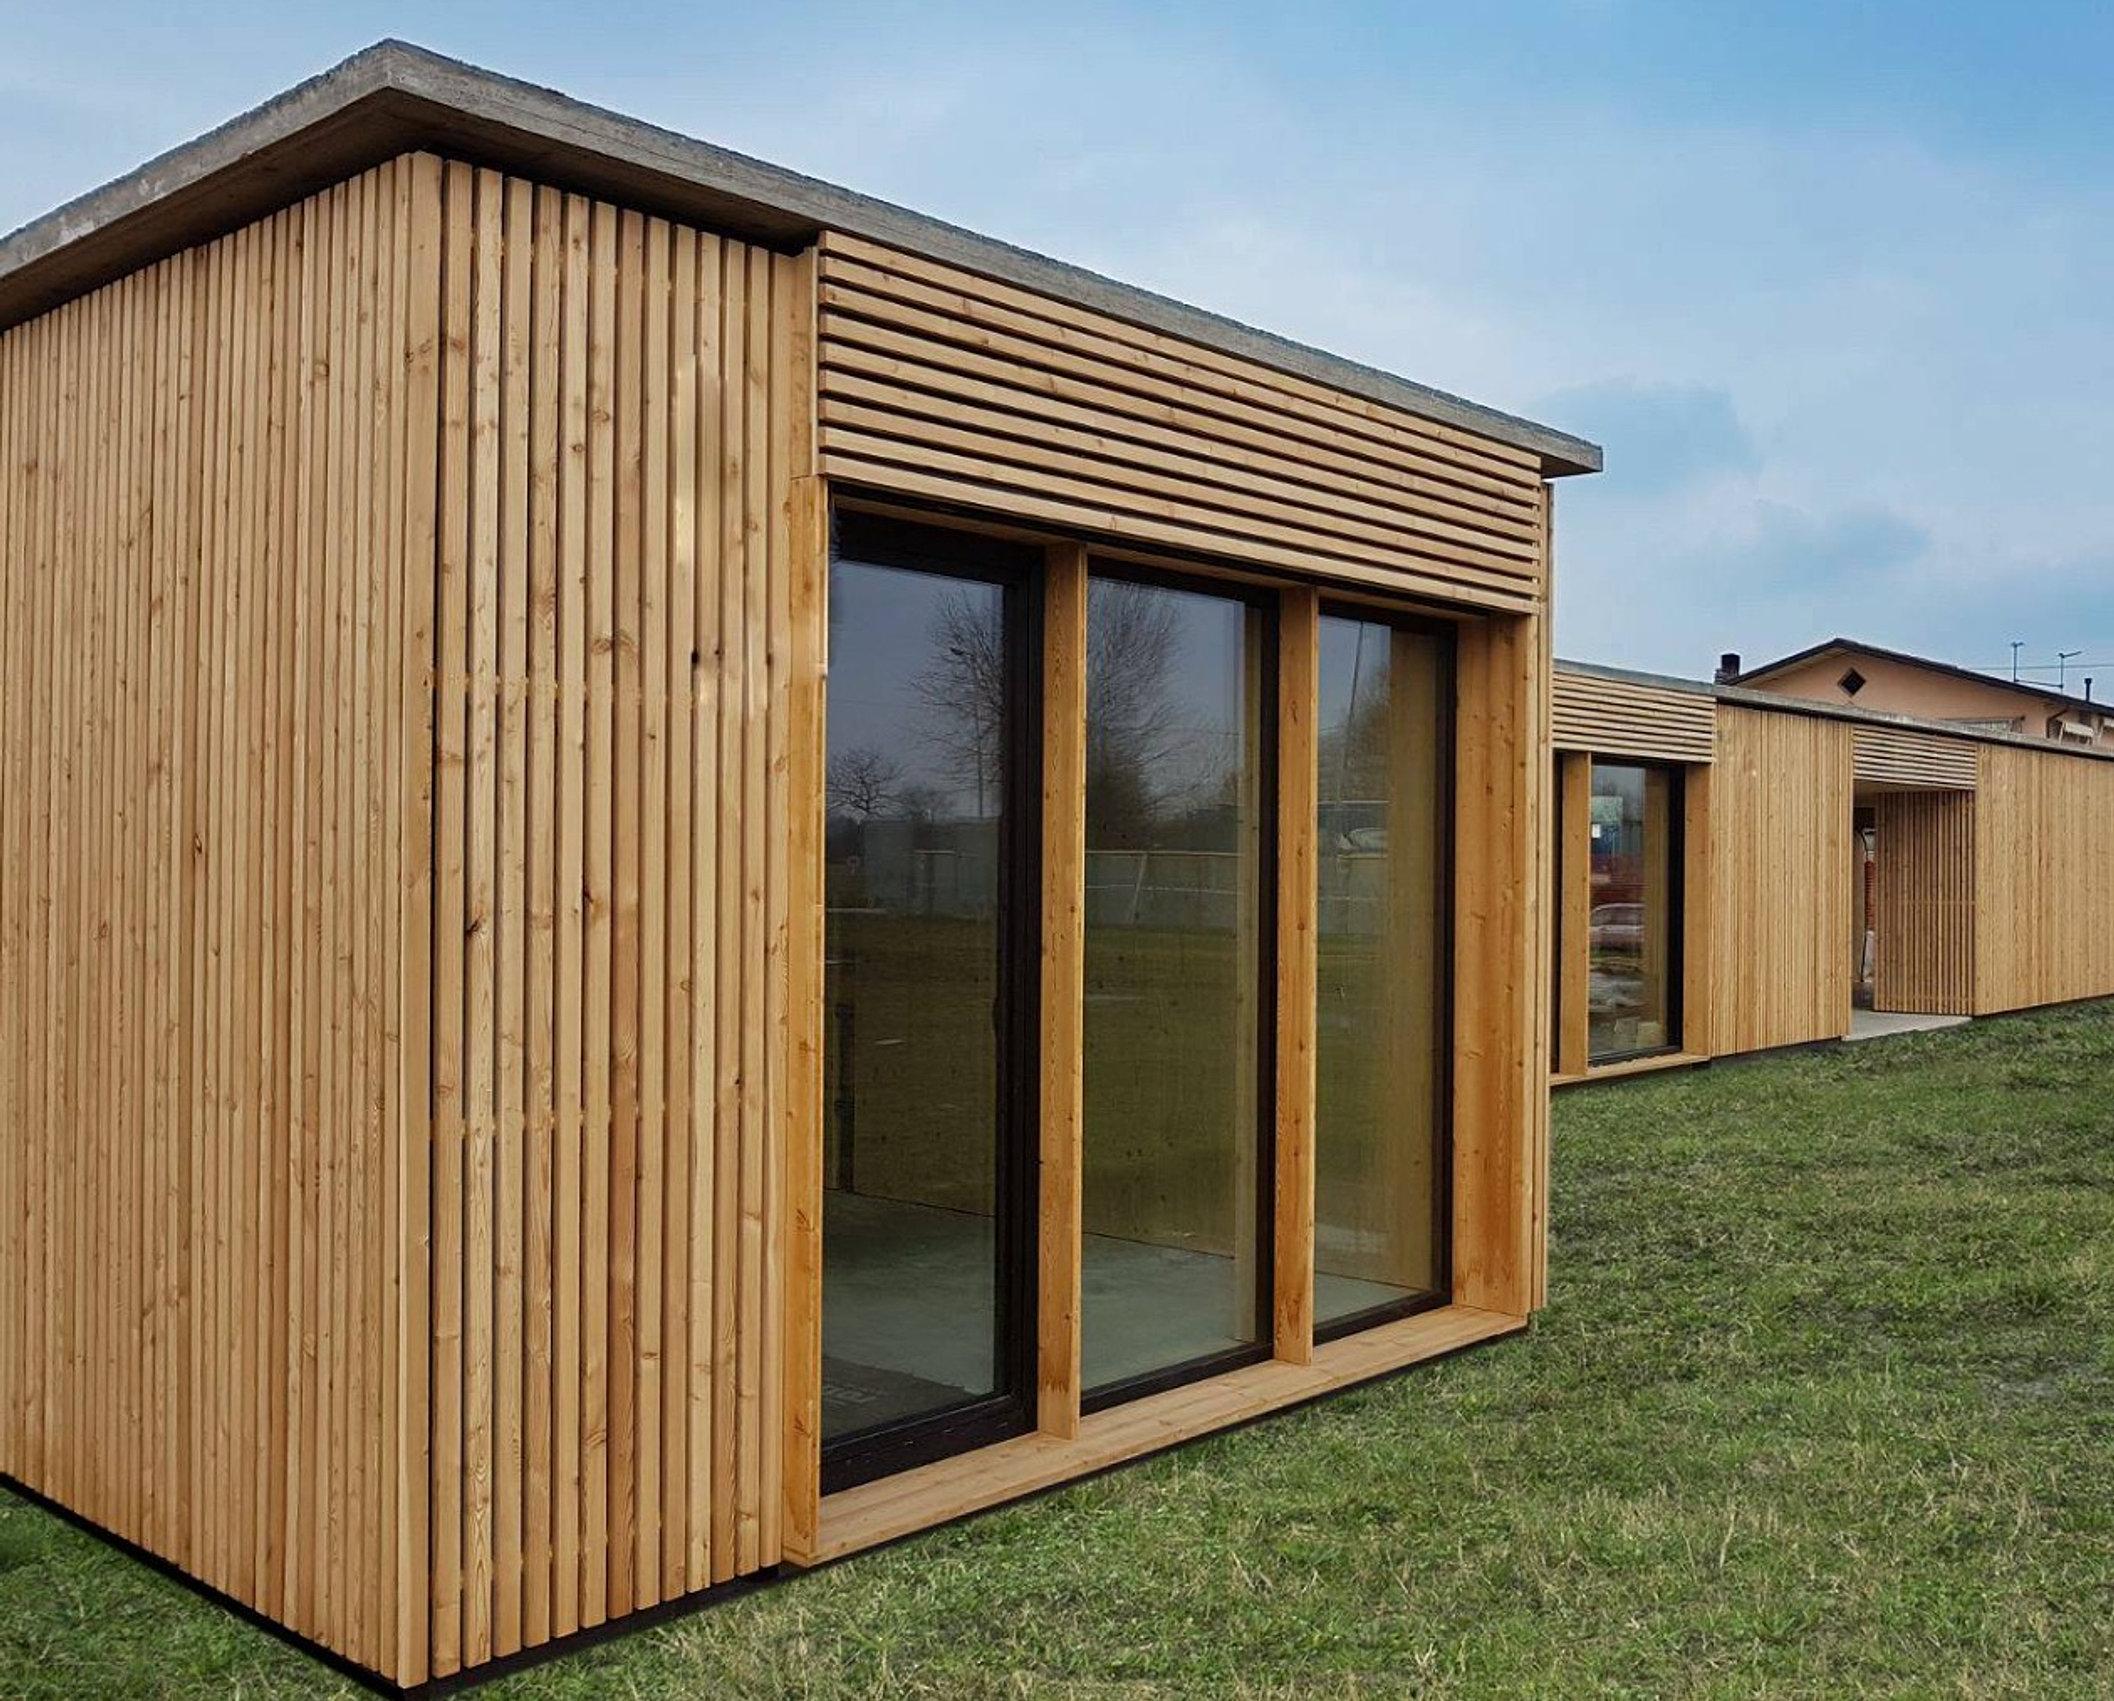 Prima casa passiva la tua casa passiva prefabbricata in - Conviene costruire casa prefabbricata ...